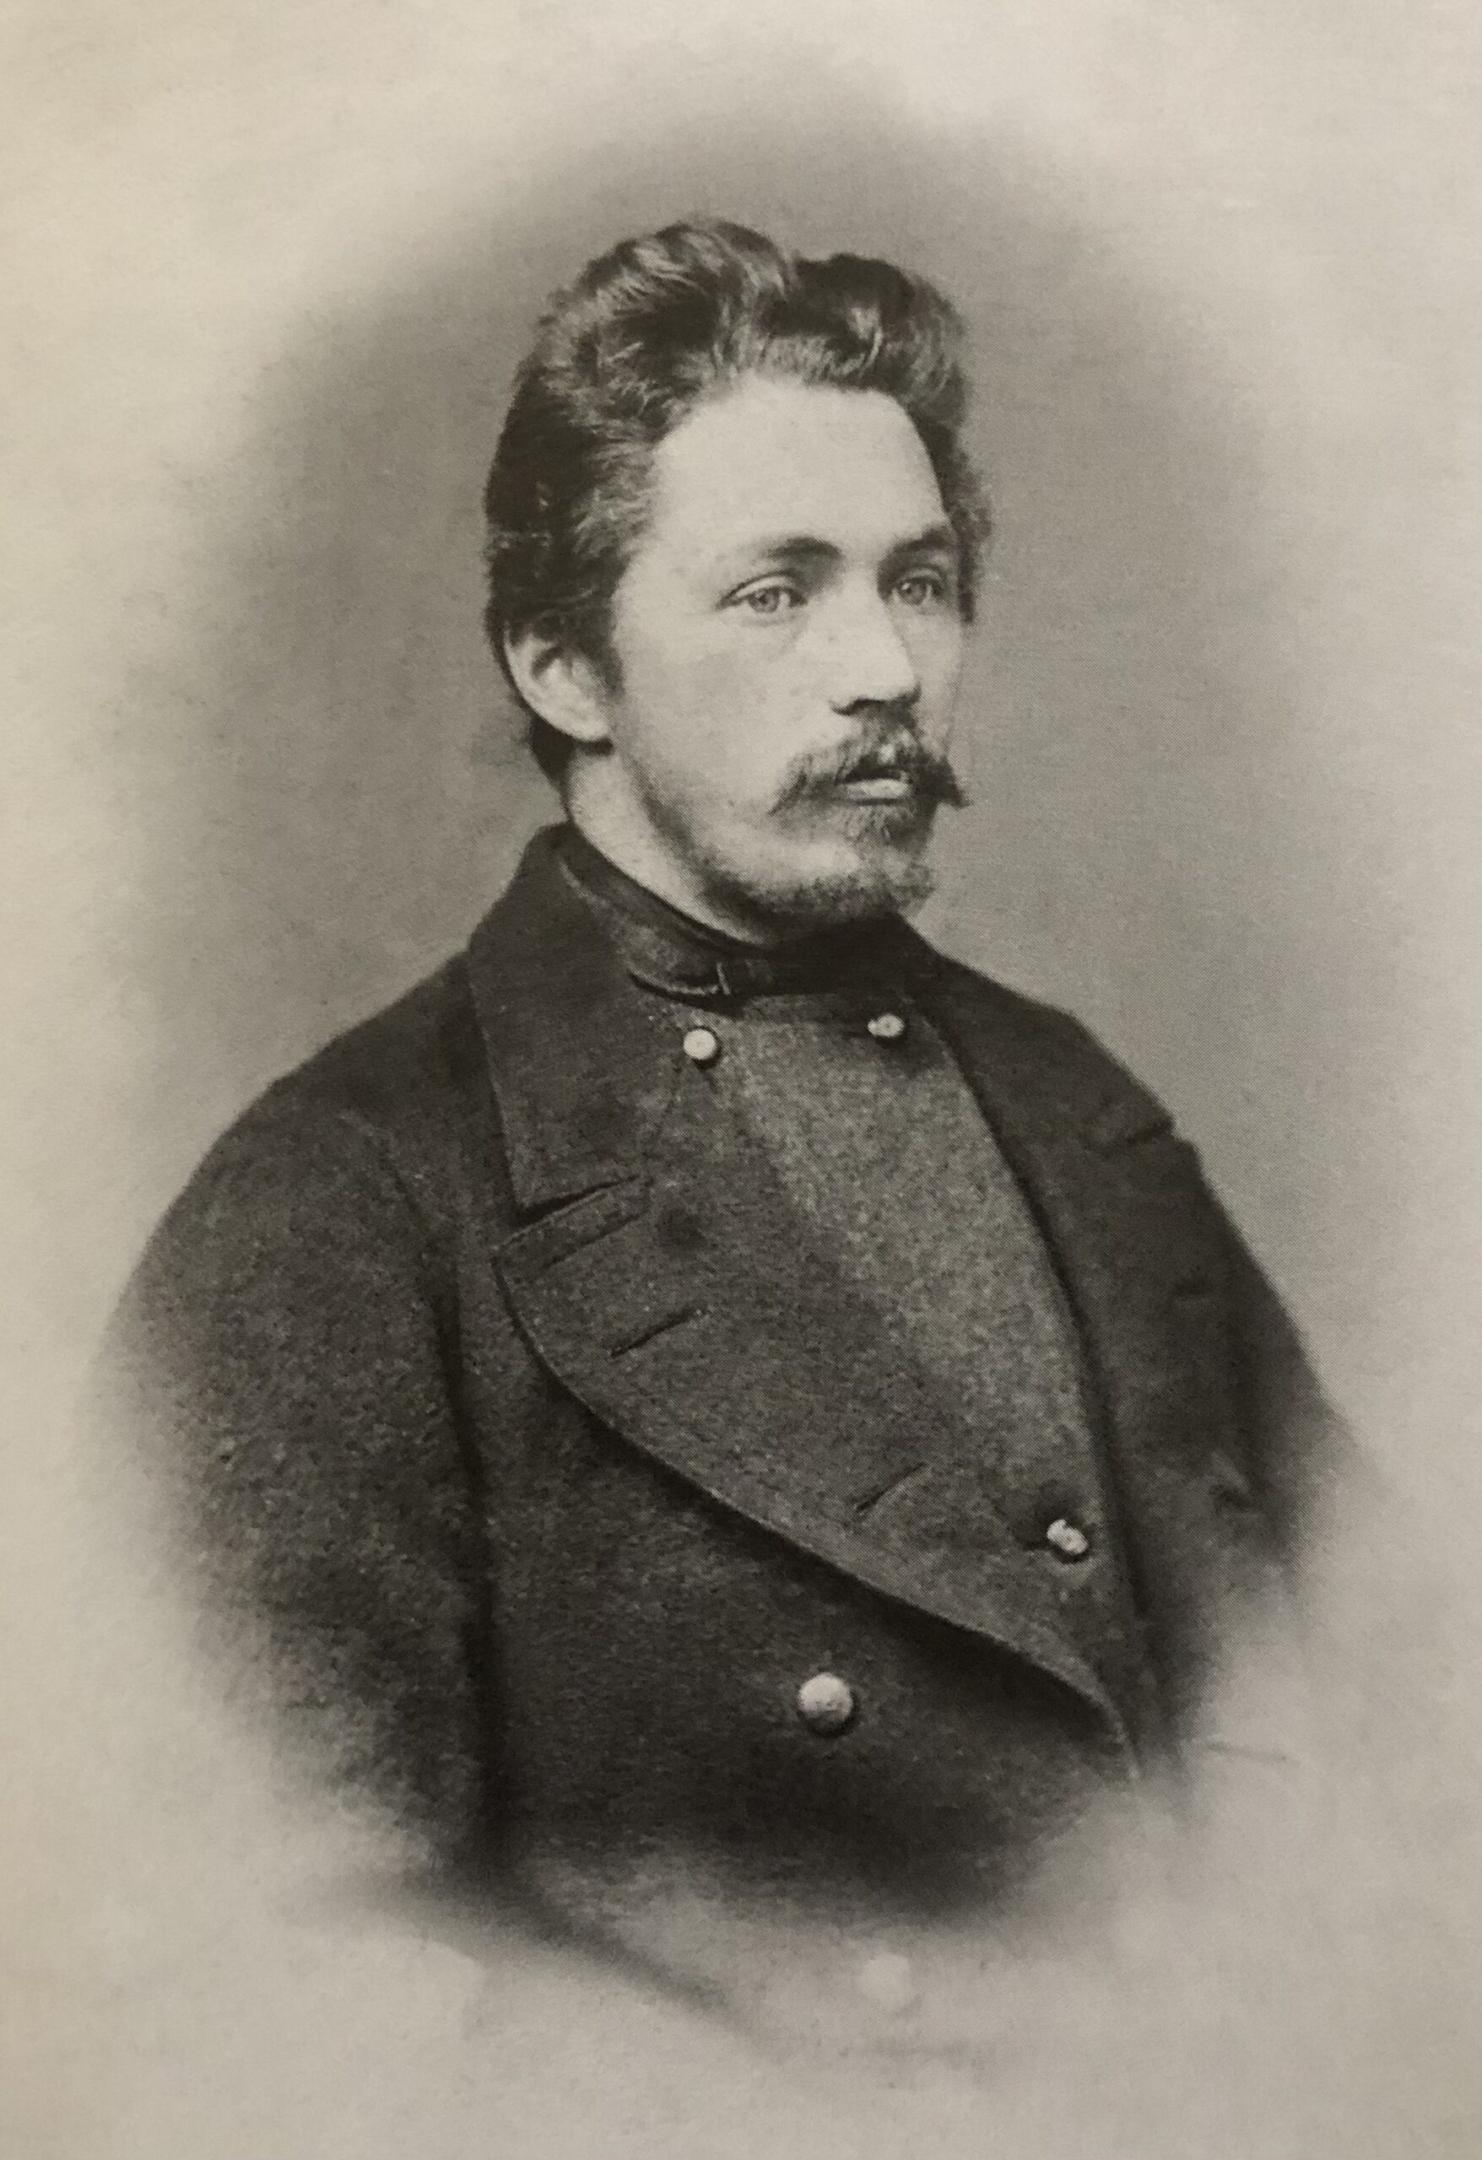 Niels Villemoes